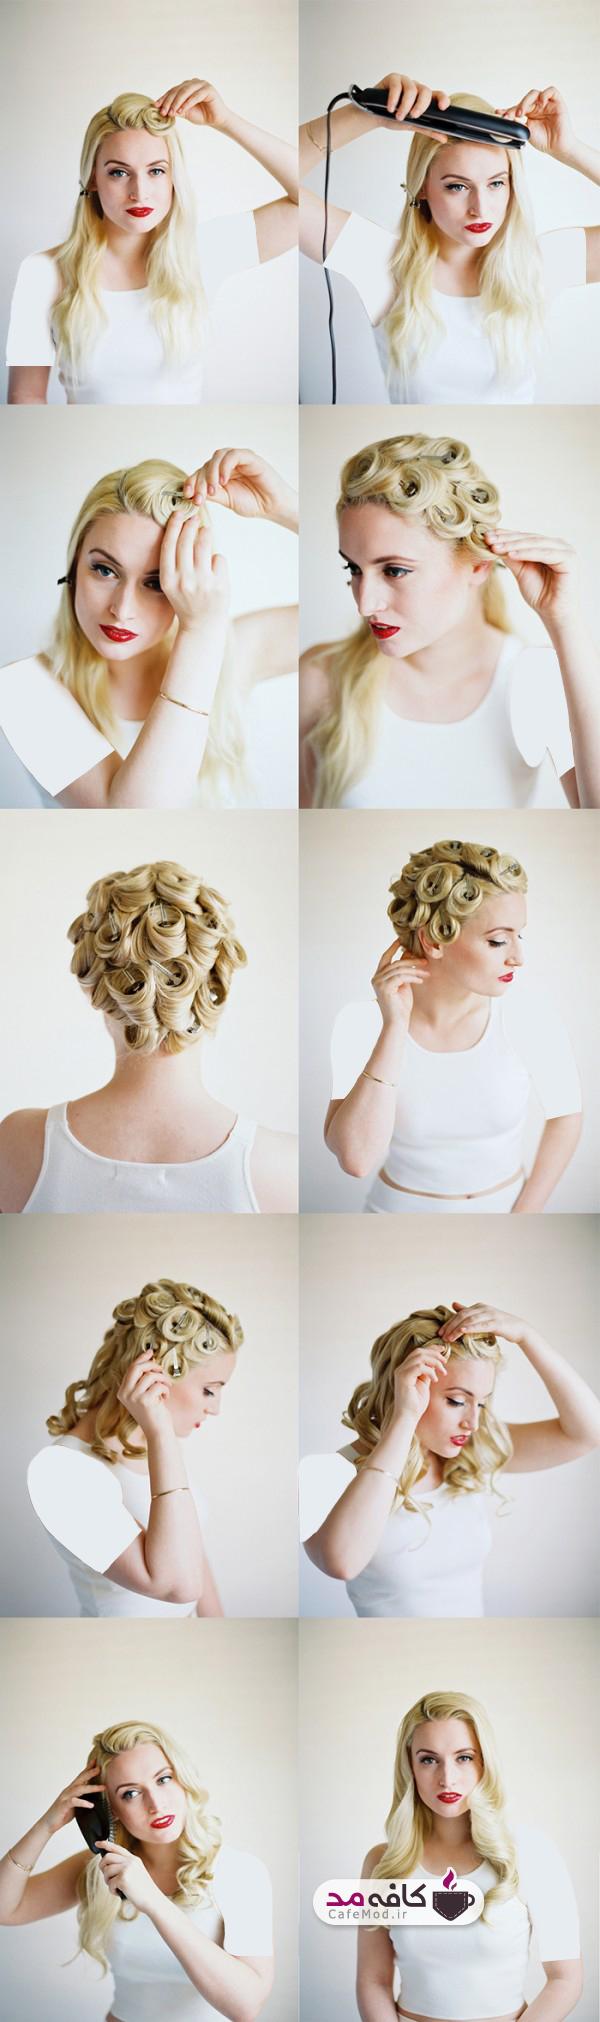 آموزش آرایش موی موجی